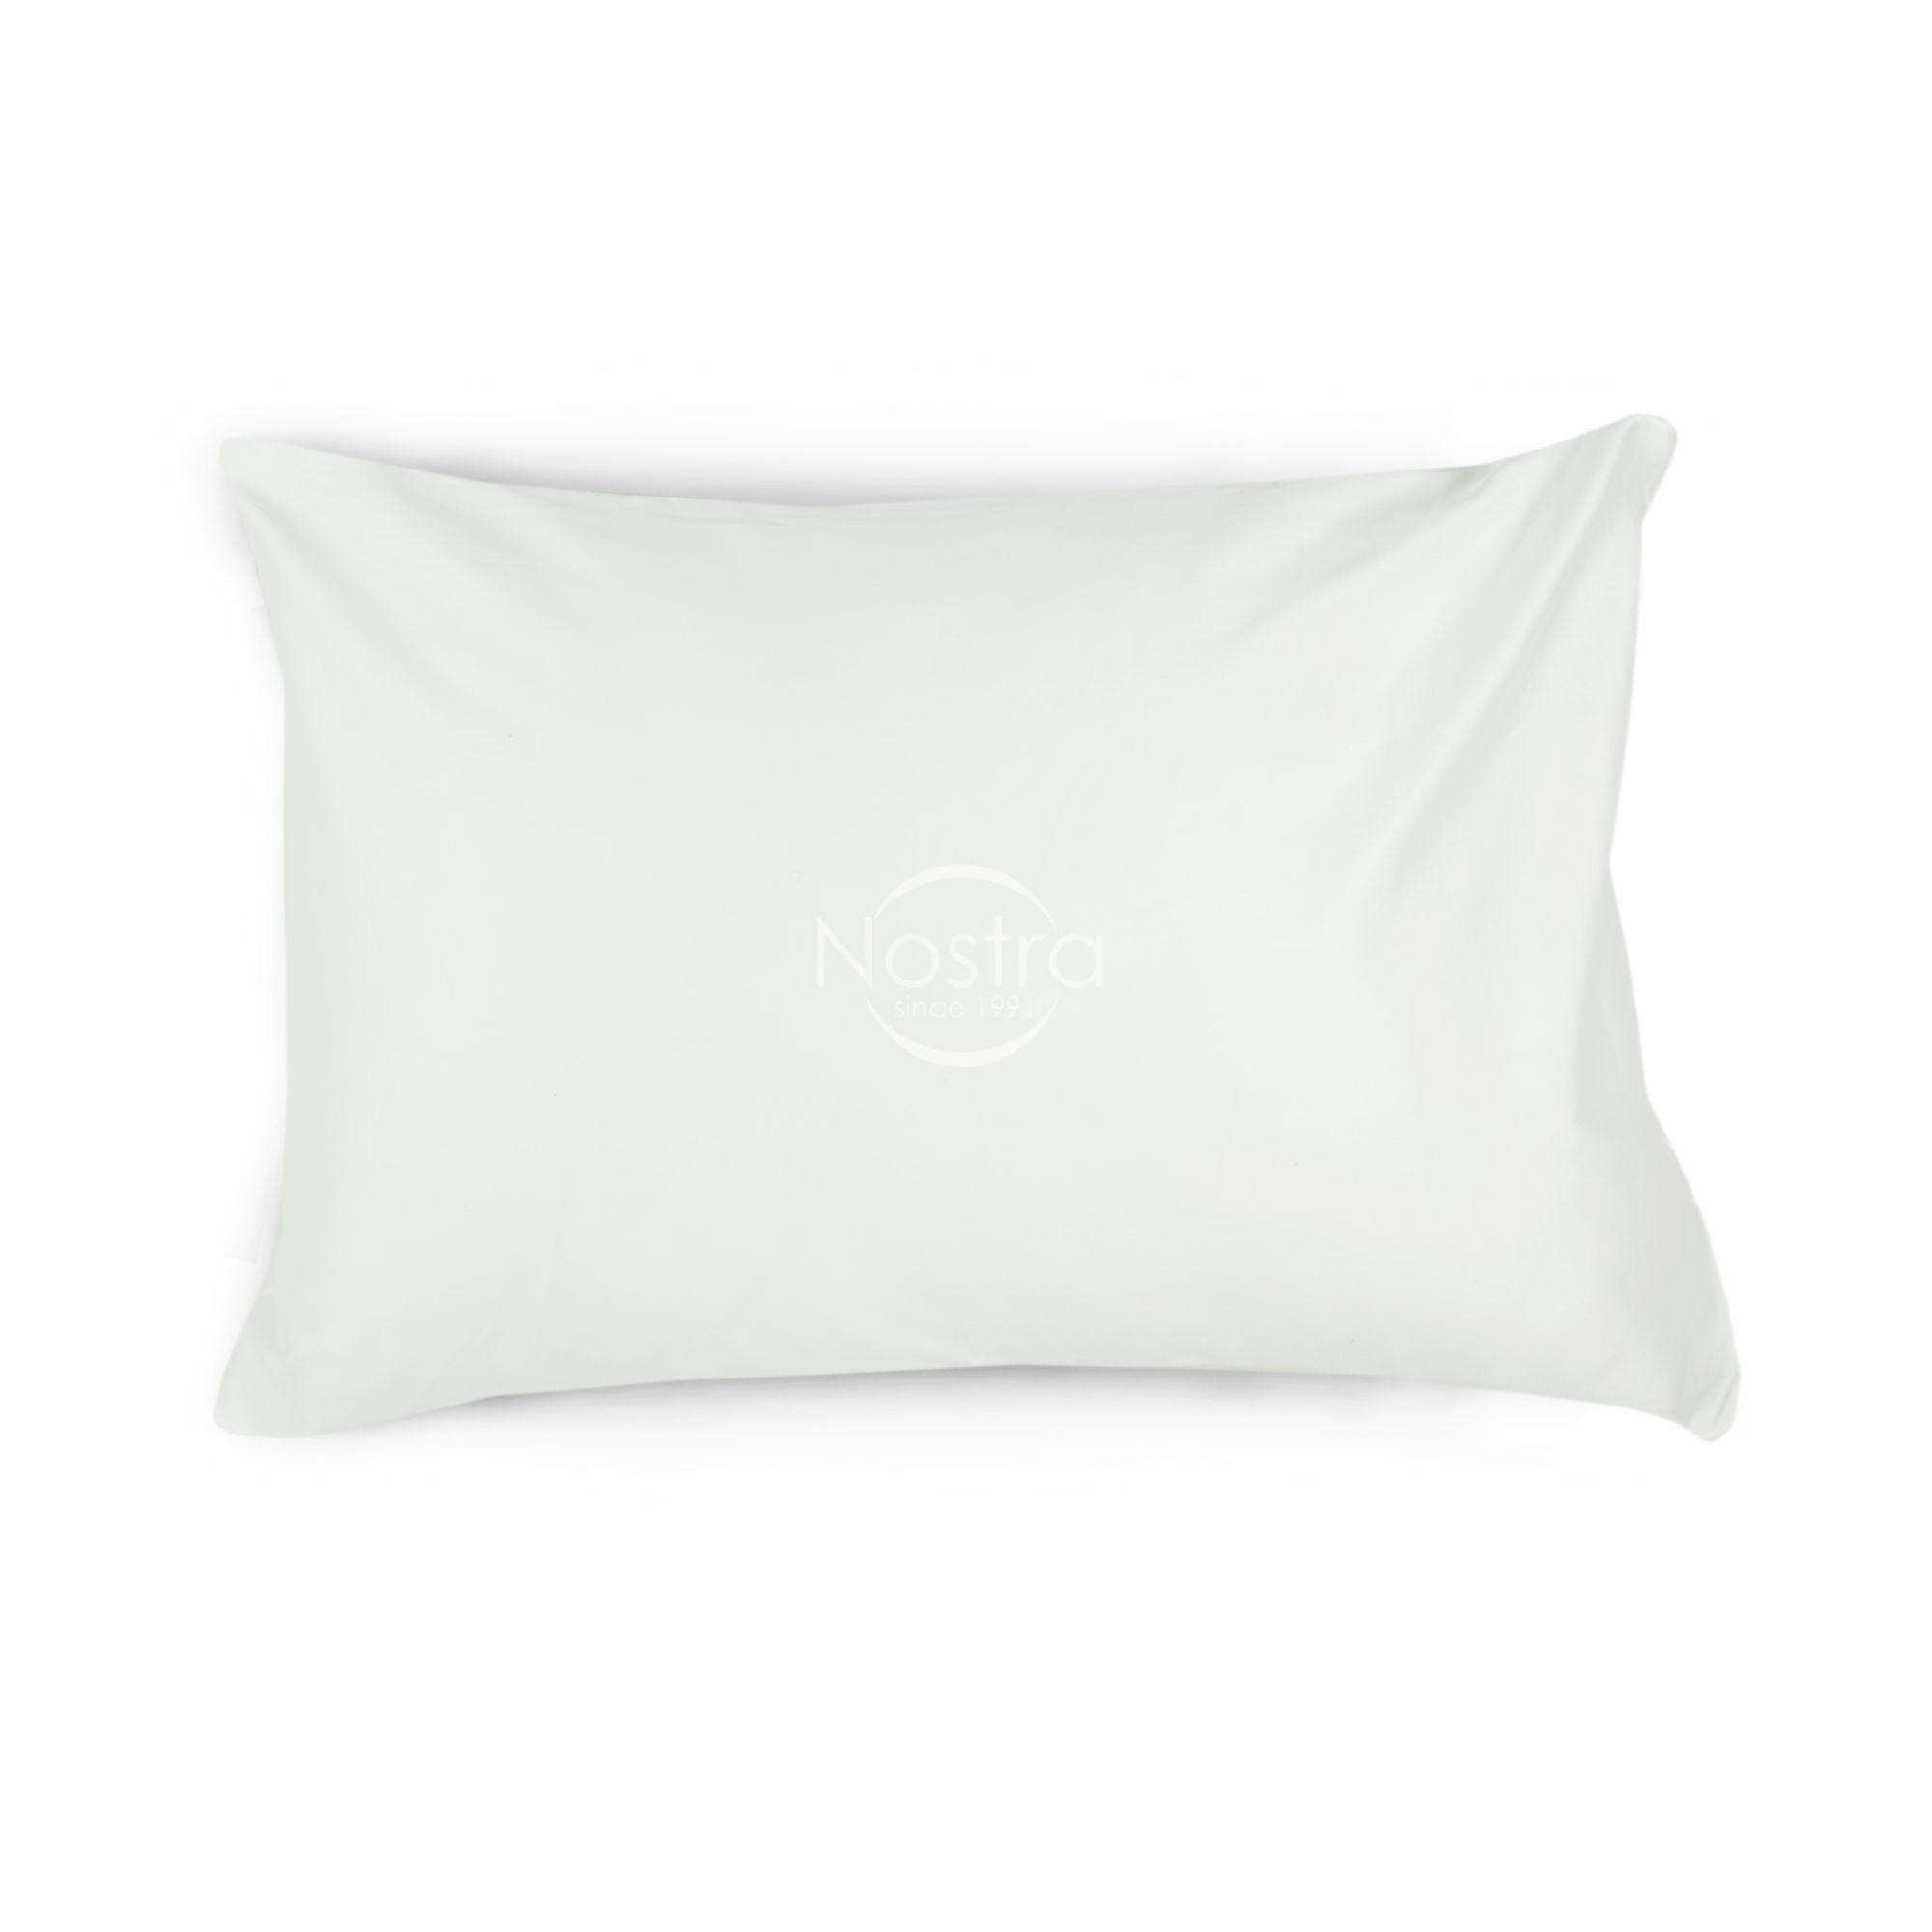 Mako satino pagalvės užvalkalas su užtrauktukais